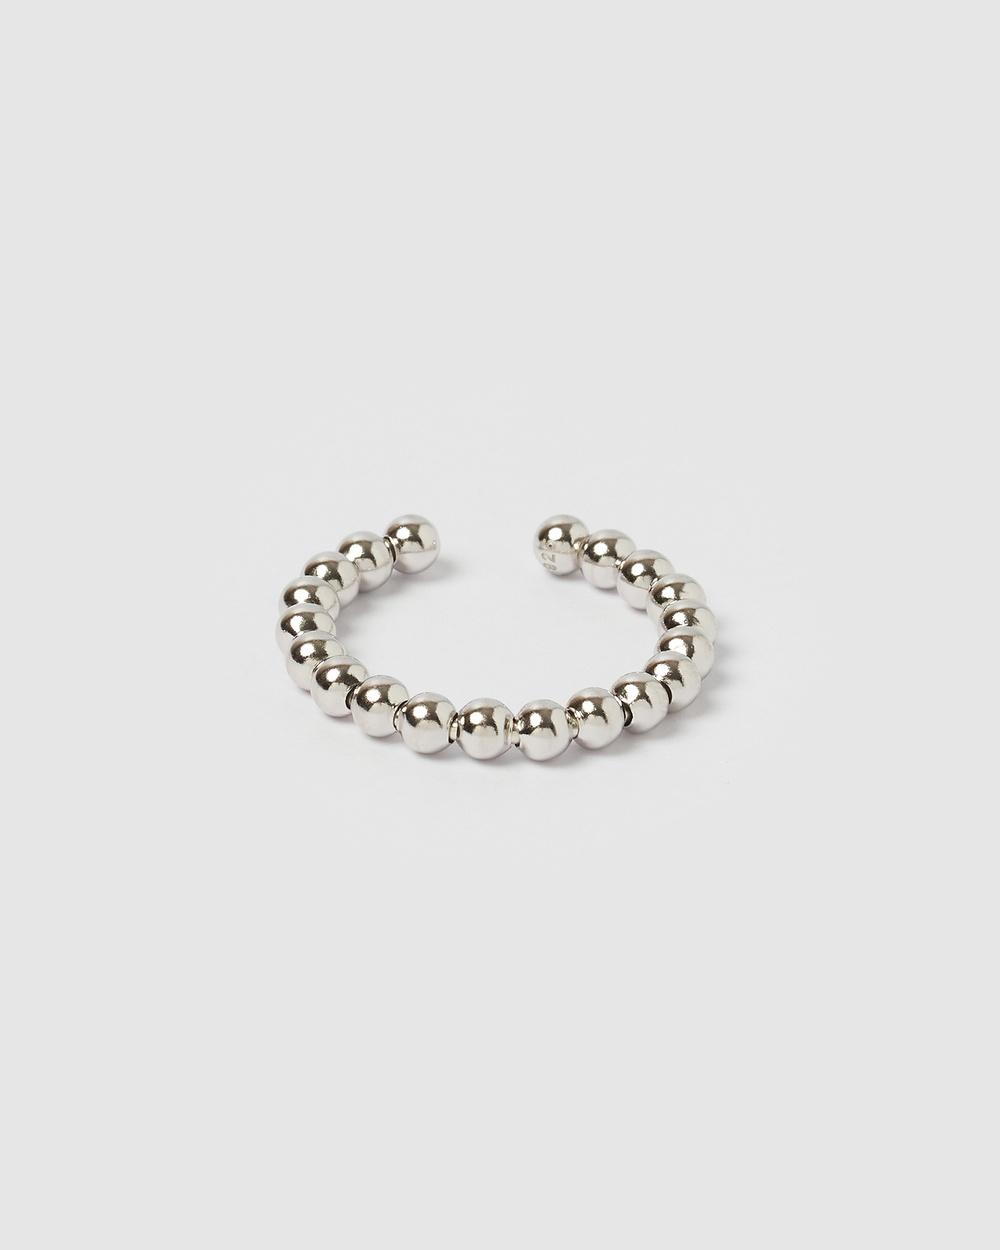 Izoa Donna Beaded Ring Jewellery Silver